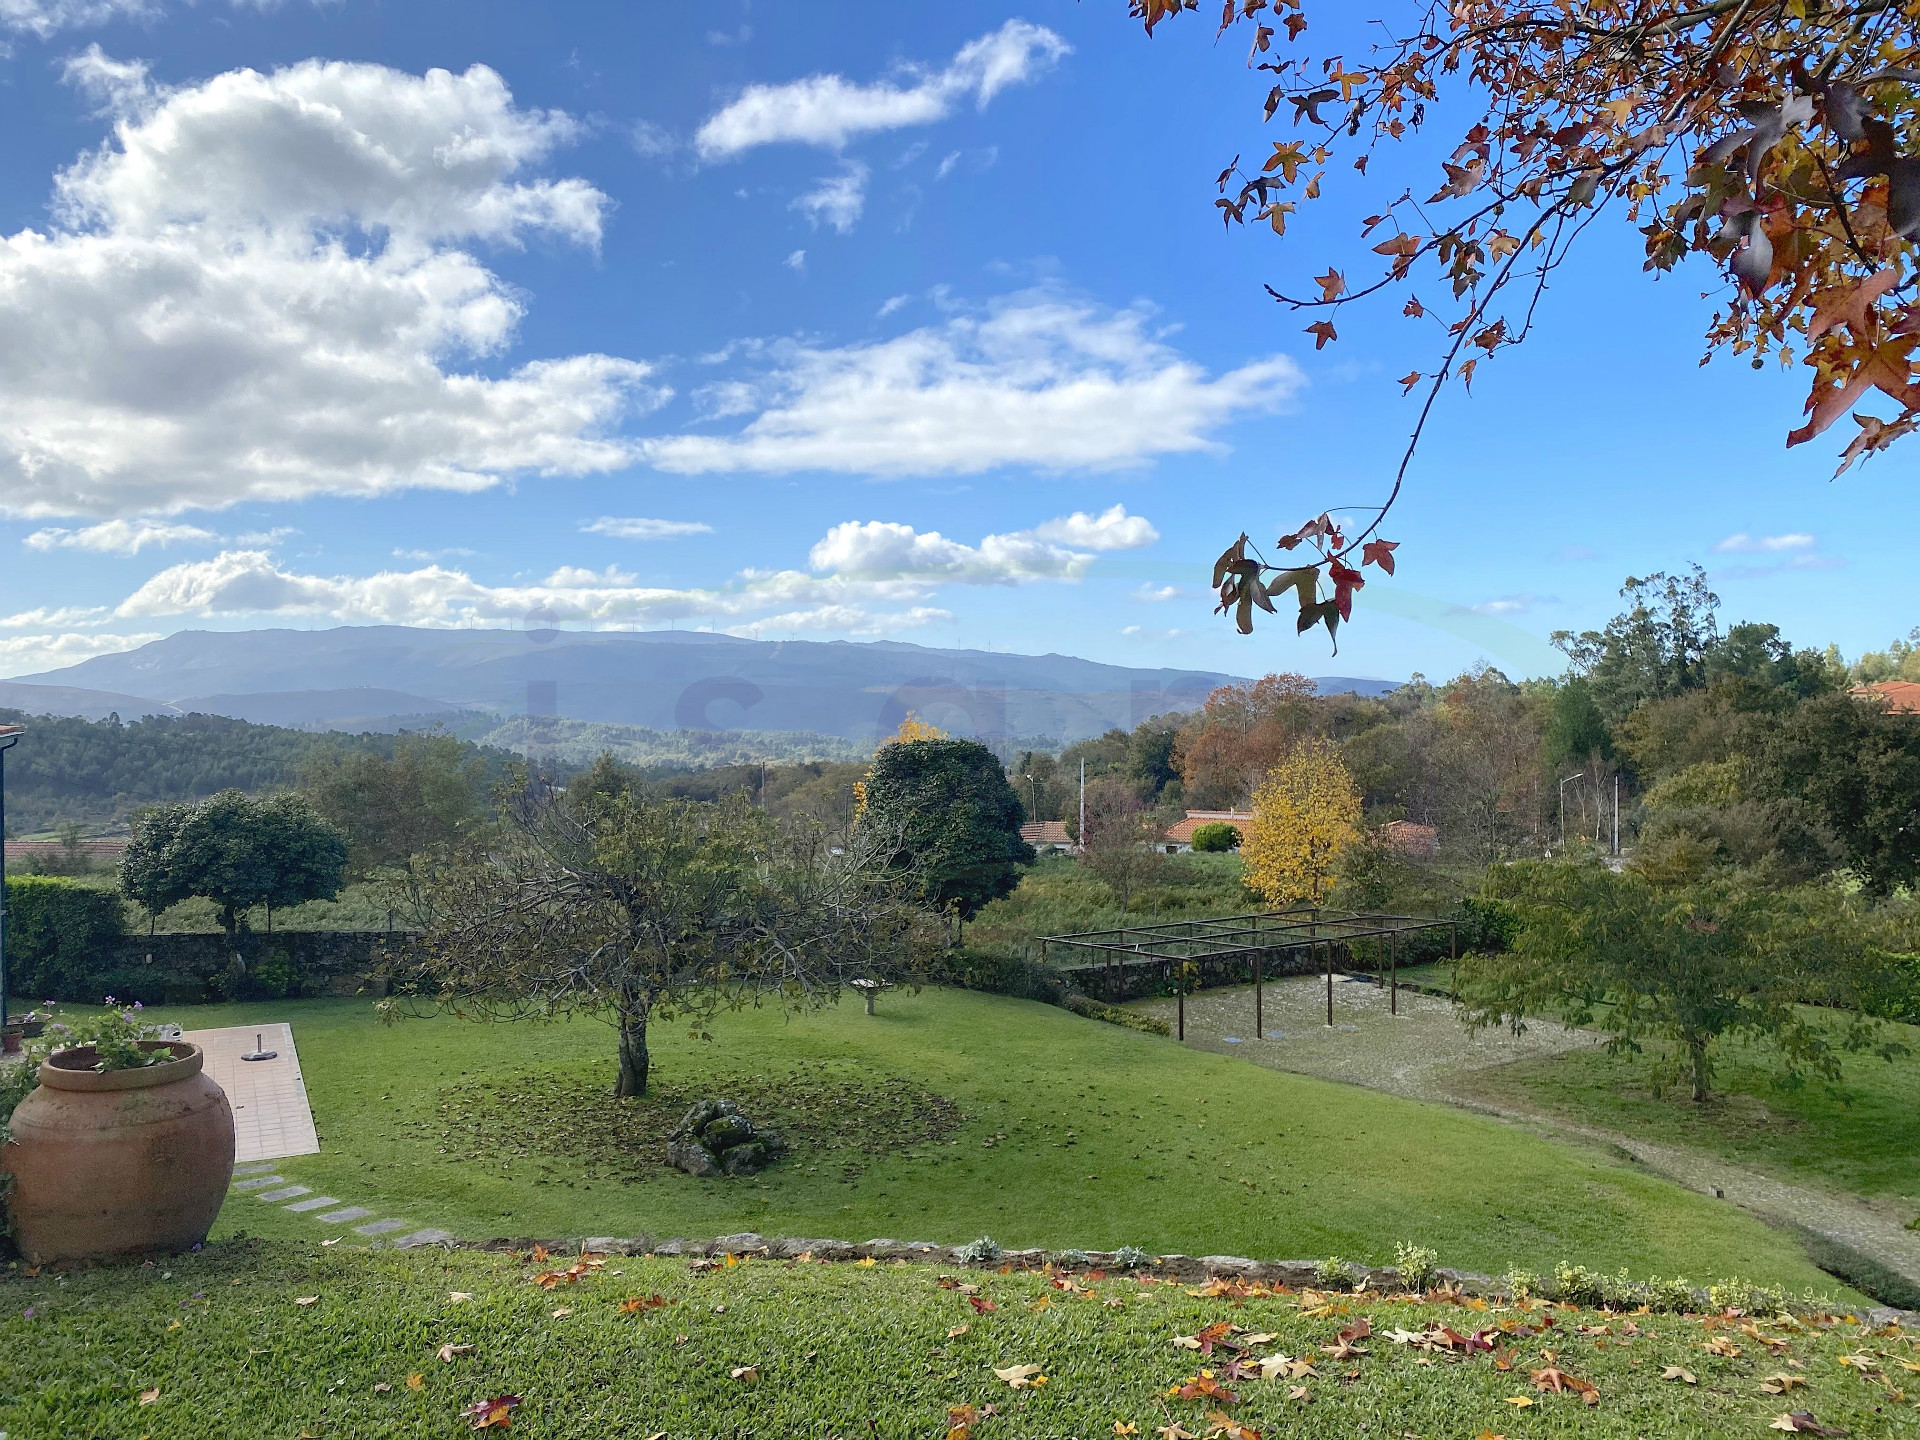 Fattoria di turismo rurale sul Camino de Santiago - 2 case e 3HA di potenziale